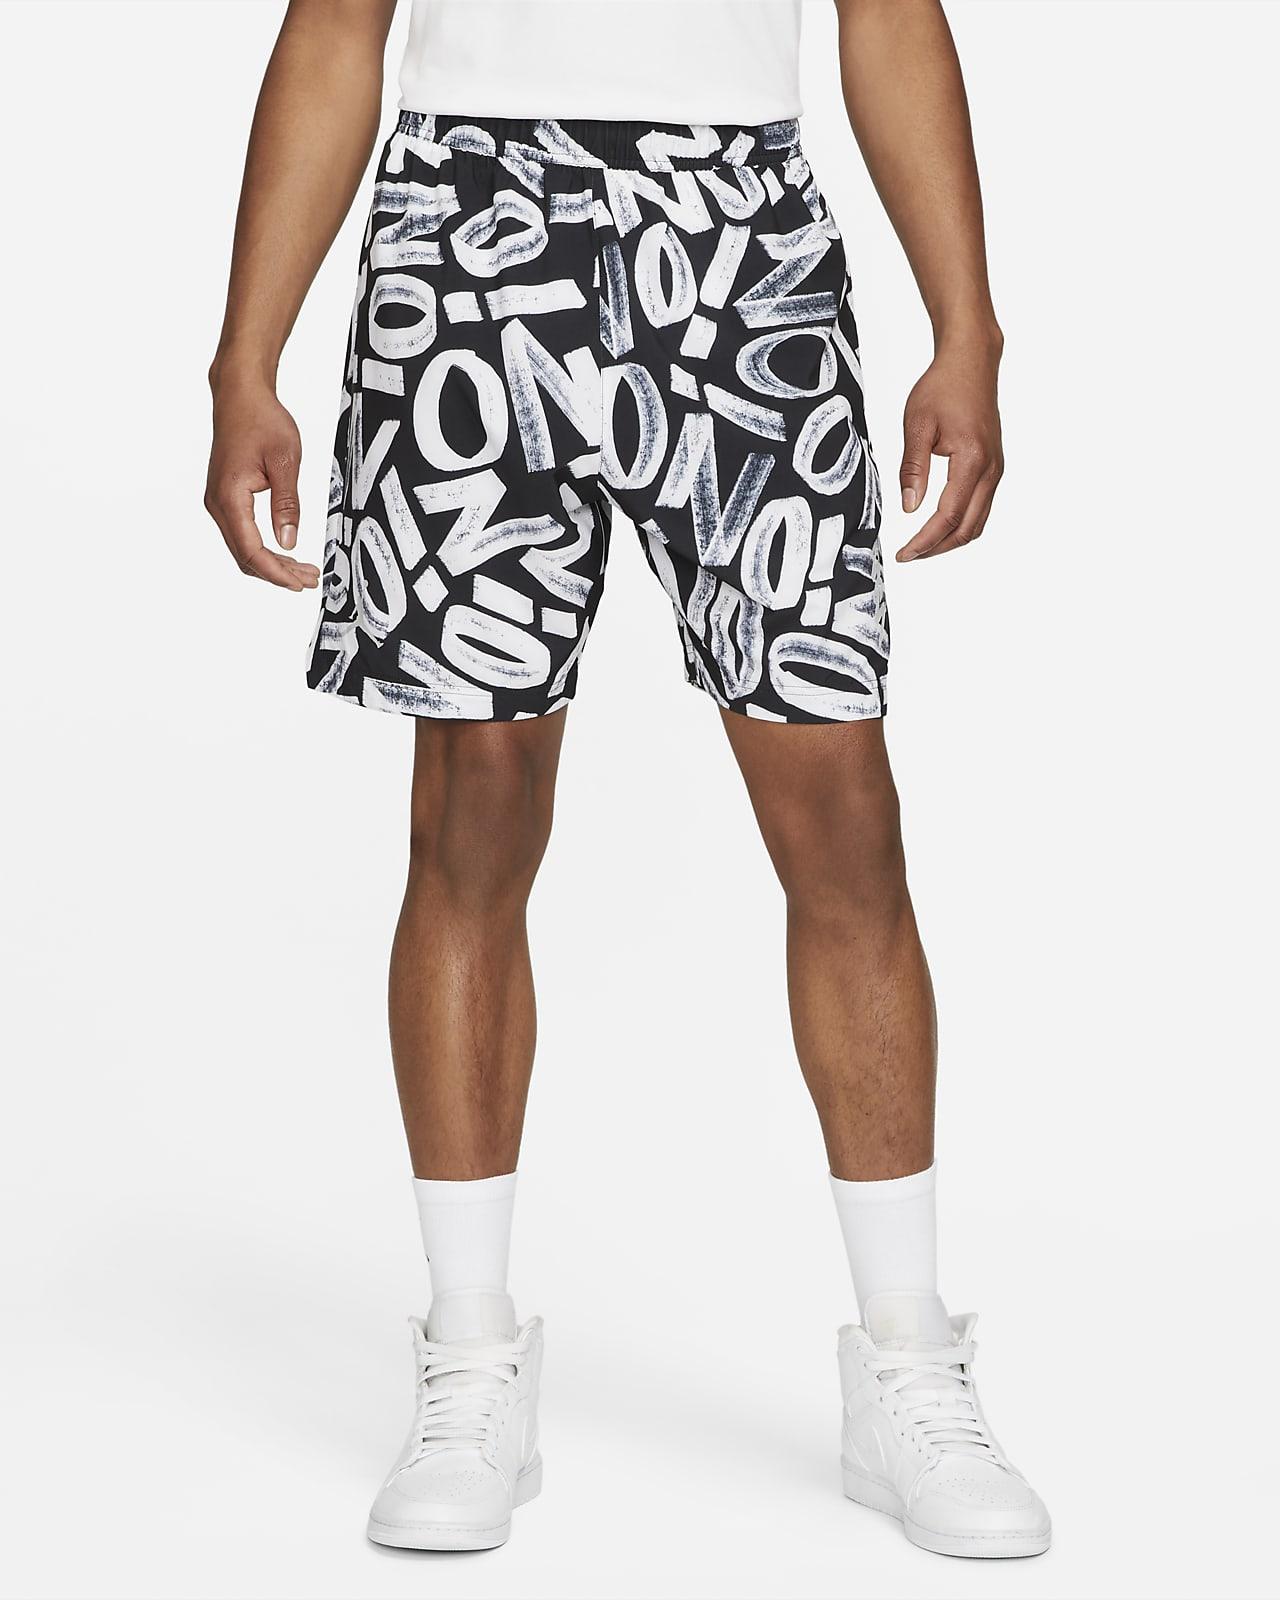 Jordan Dri-FIT Zion teljesítményfokozó, szőtt férfi rövidnadrág